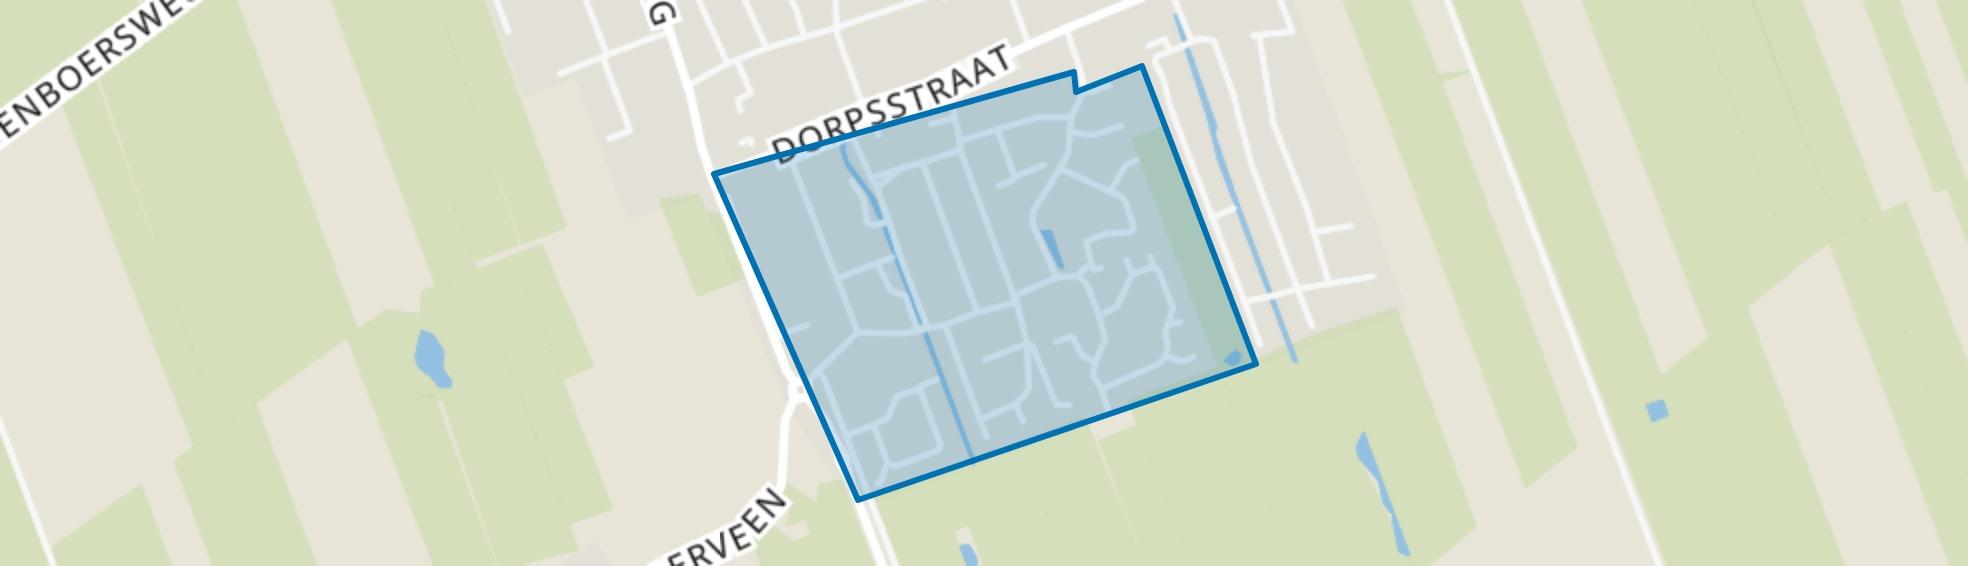 Griftebuurt, Nijeveen map